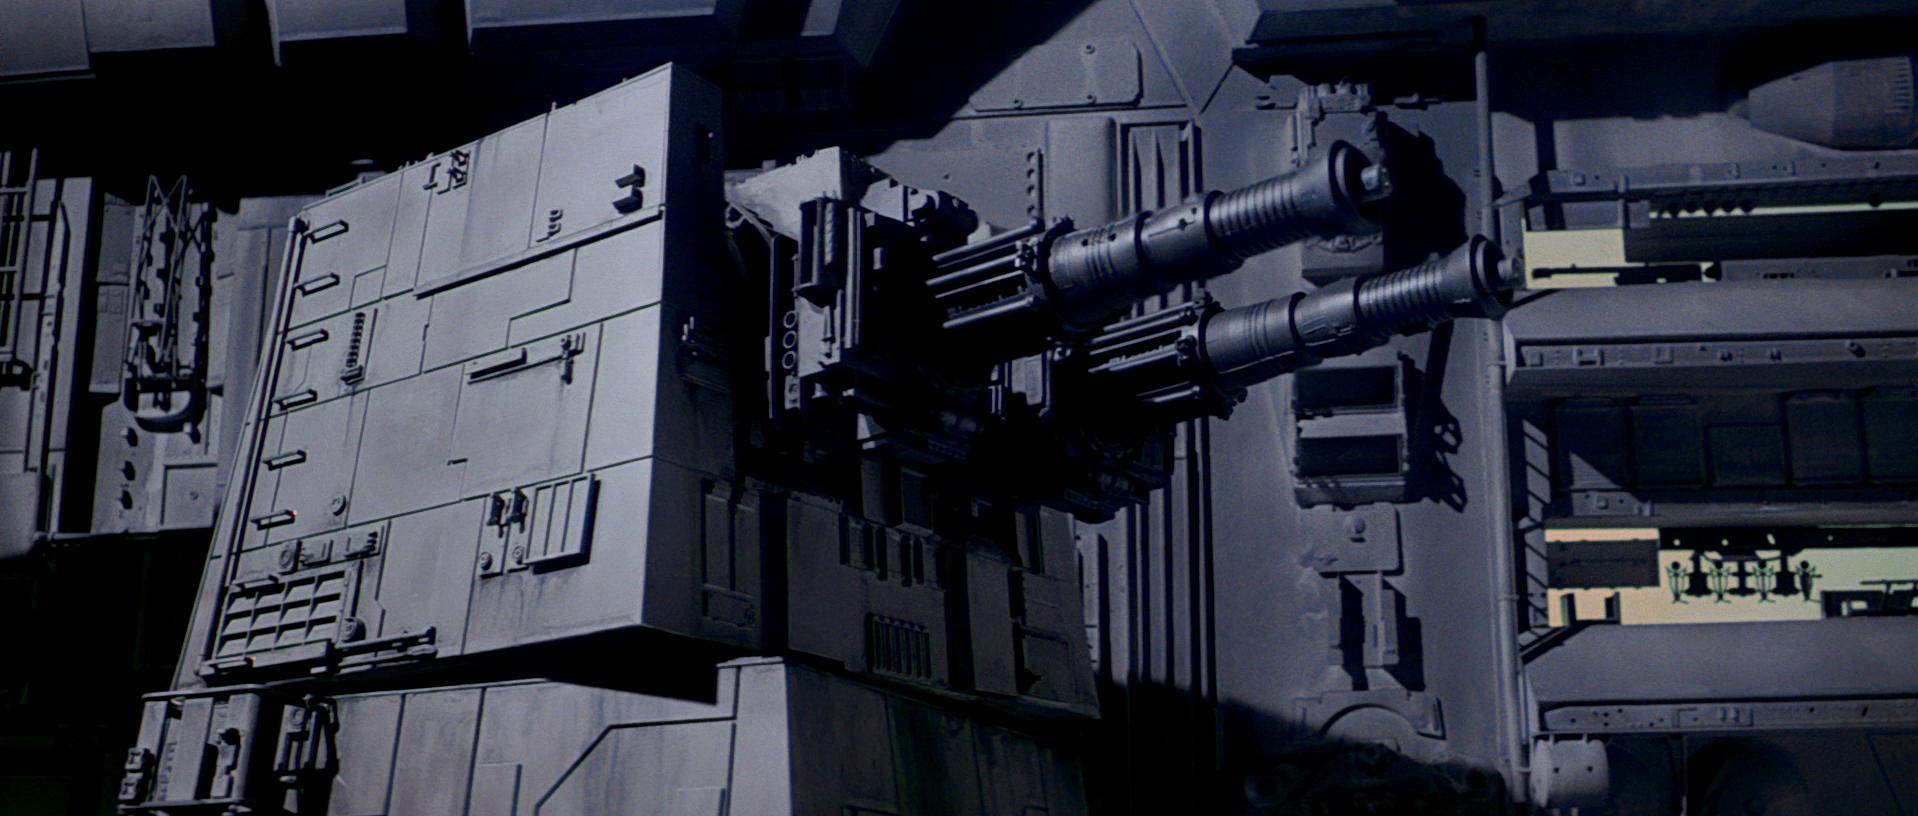 Space warfare | Wookieepedia | FANDOM powered by Wikia